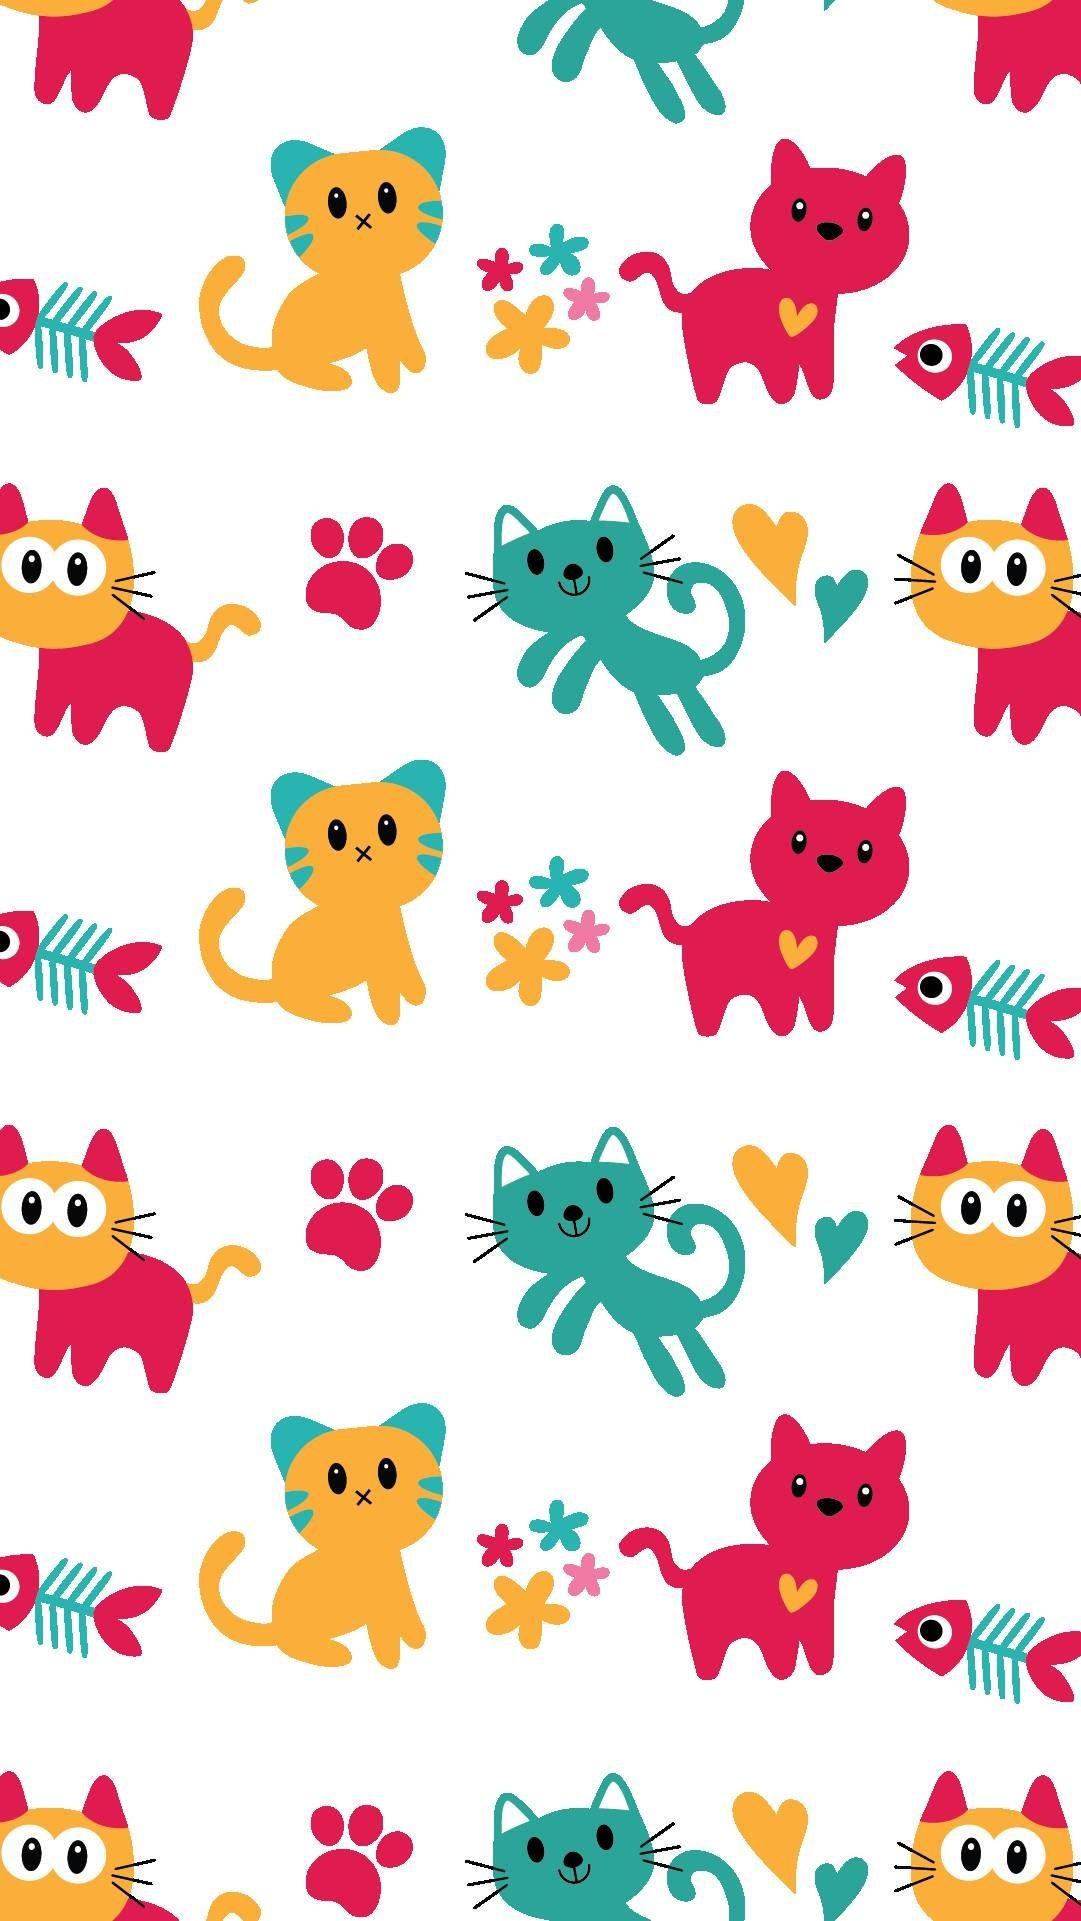 Res: 1081x1921, Glam Wallpaper, Locked Wallpaper, Lock Screen Wallpaper, Cellphone Wallpaper,  Iphone Wallpaper,